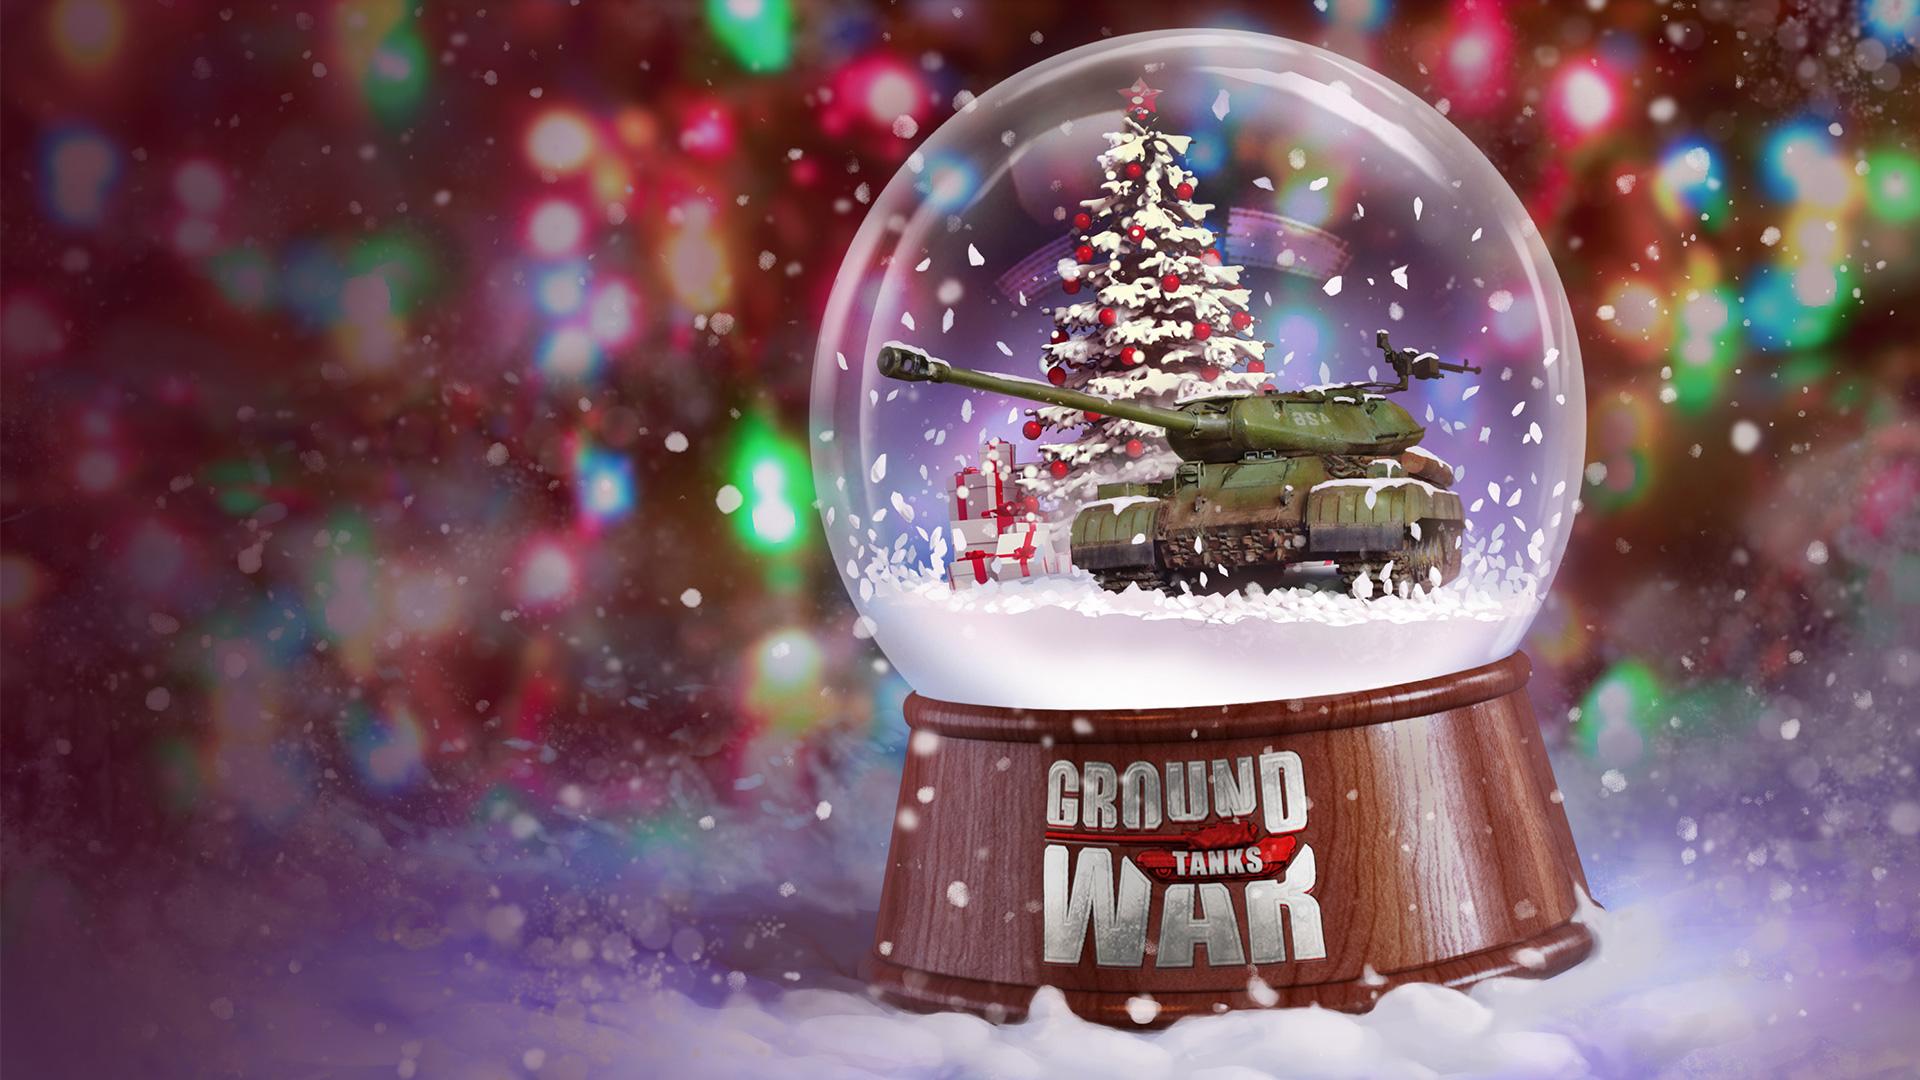 дом хрестоматийный поздравление танкистов с новым годом открытки выпало сразу, что-то